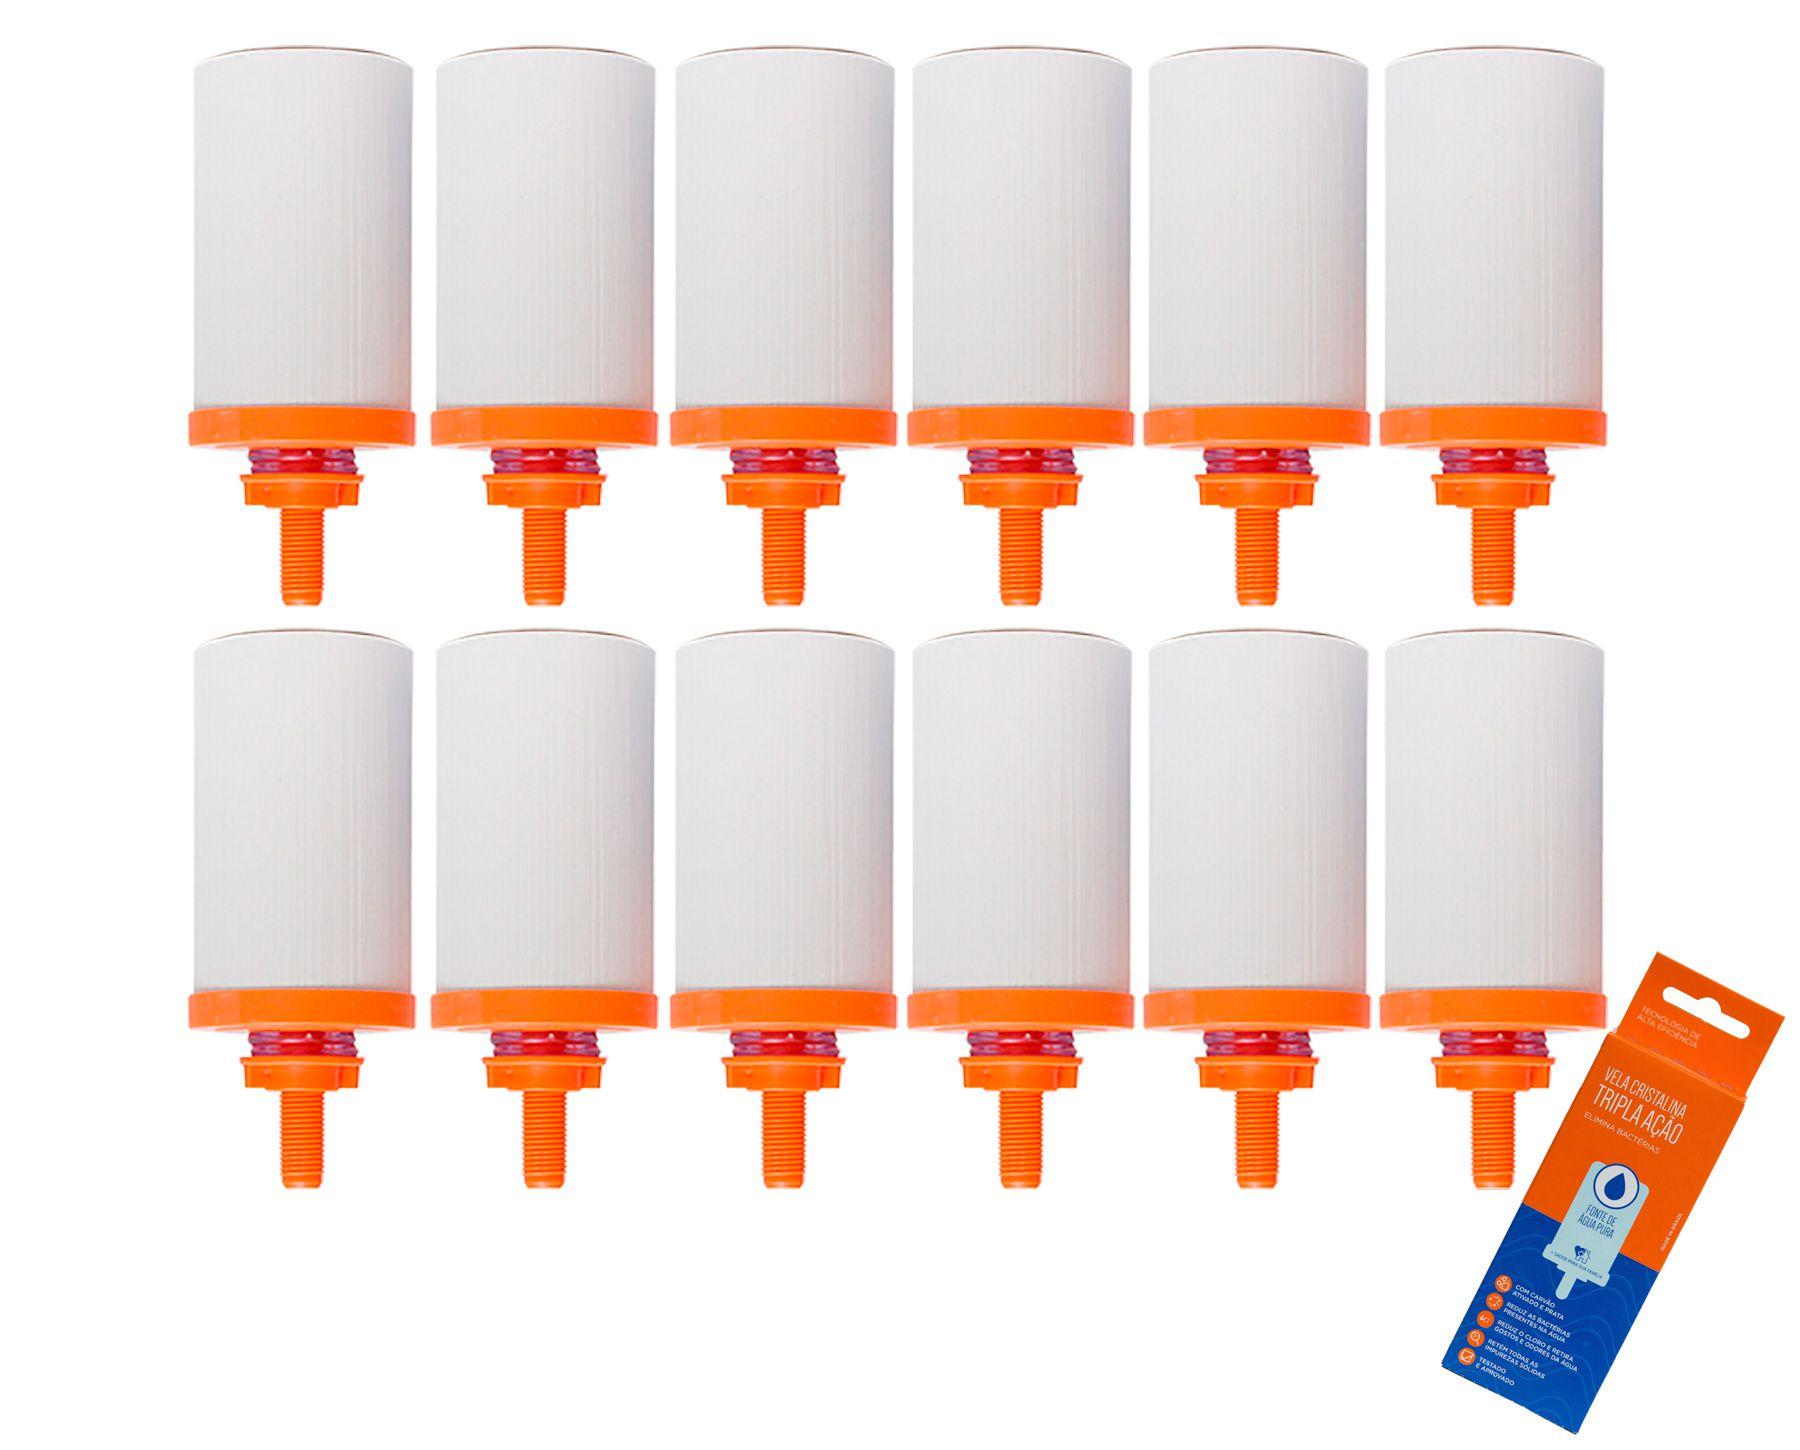 Vela para Filtro de Barro Cristalina Tripla Ação 12 unidades  - CN Distribuidora